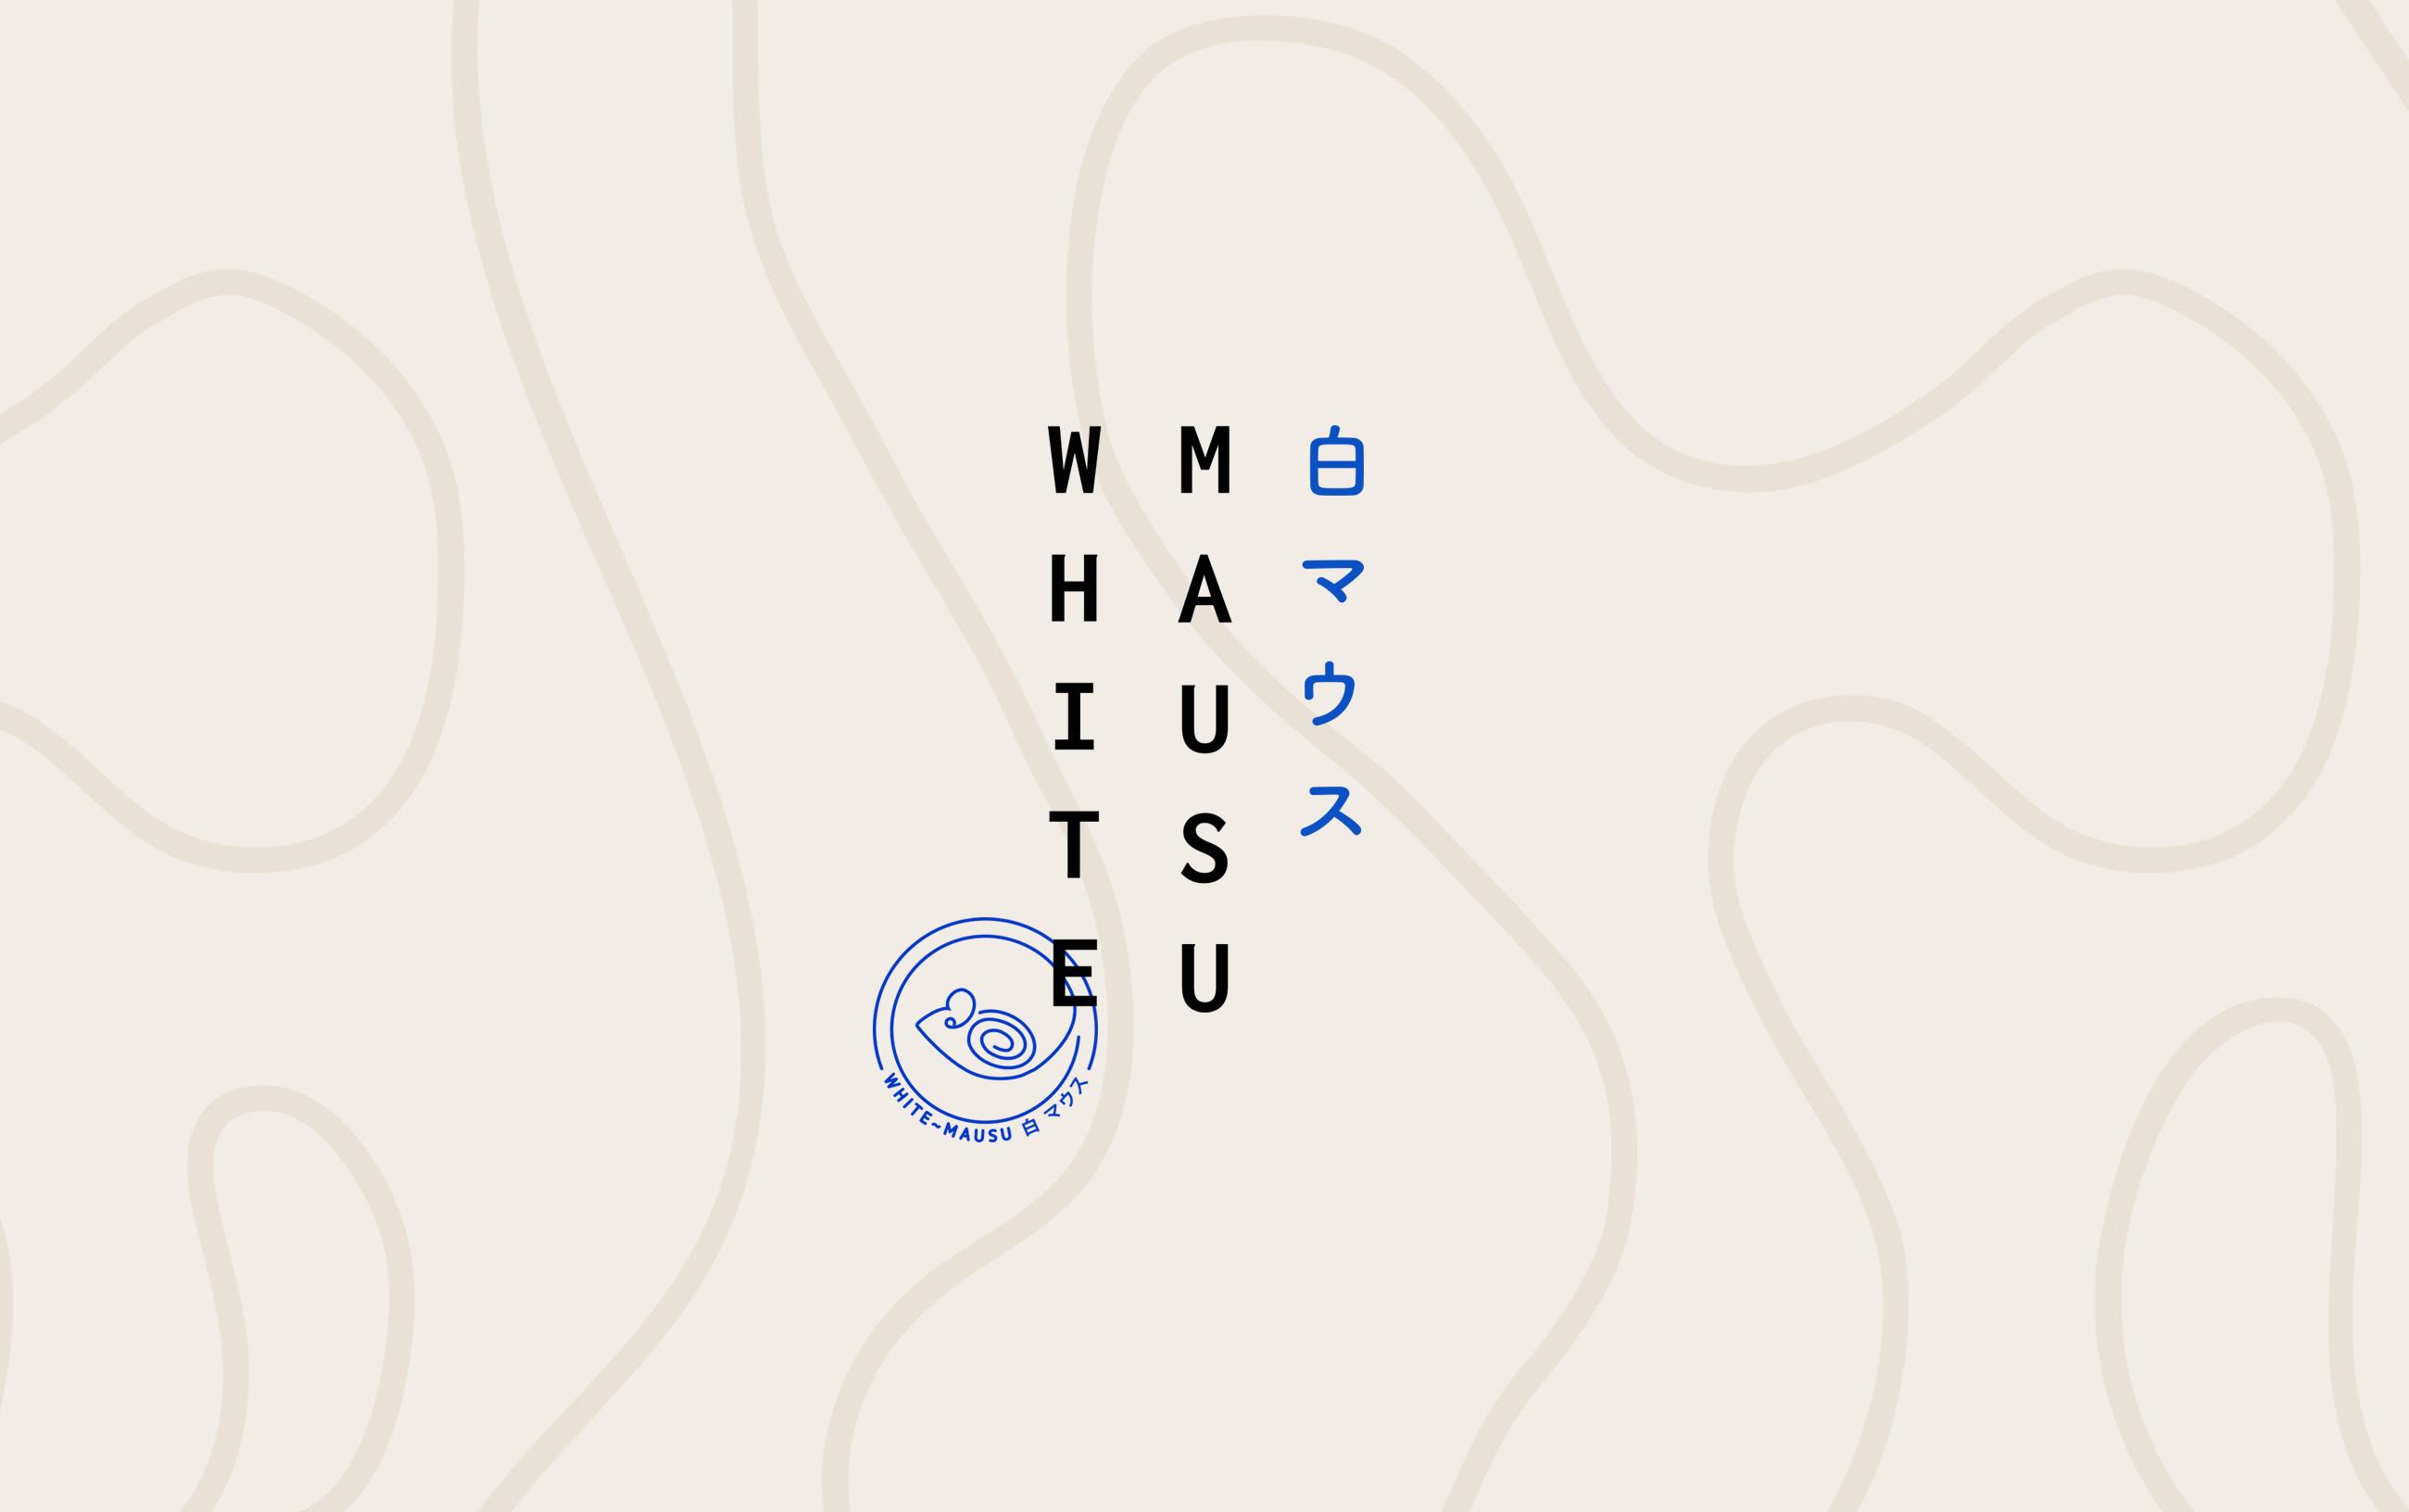 Cover image: White Mausu